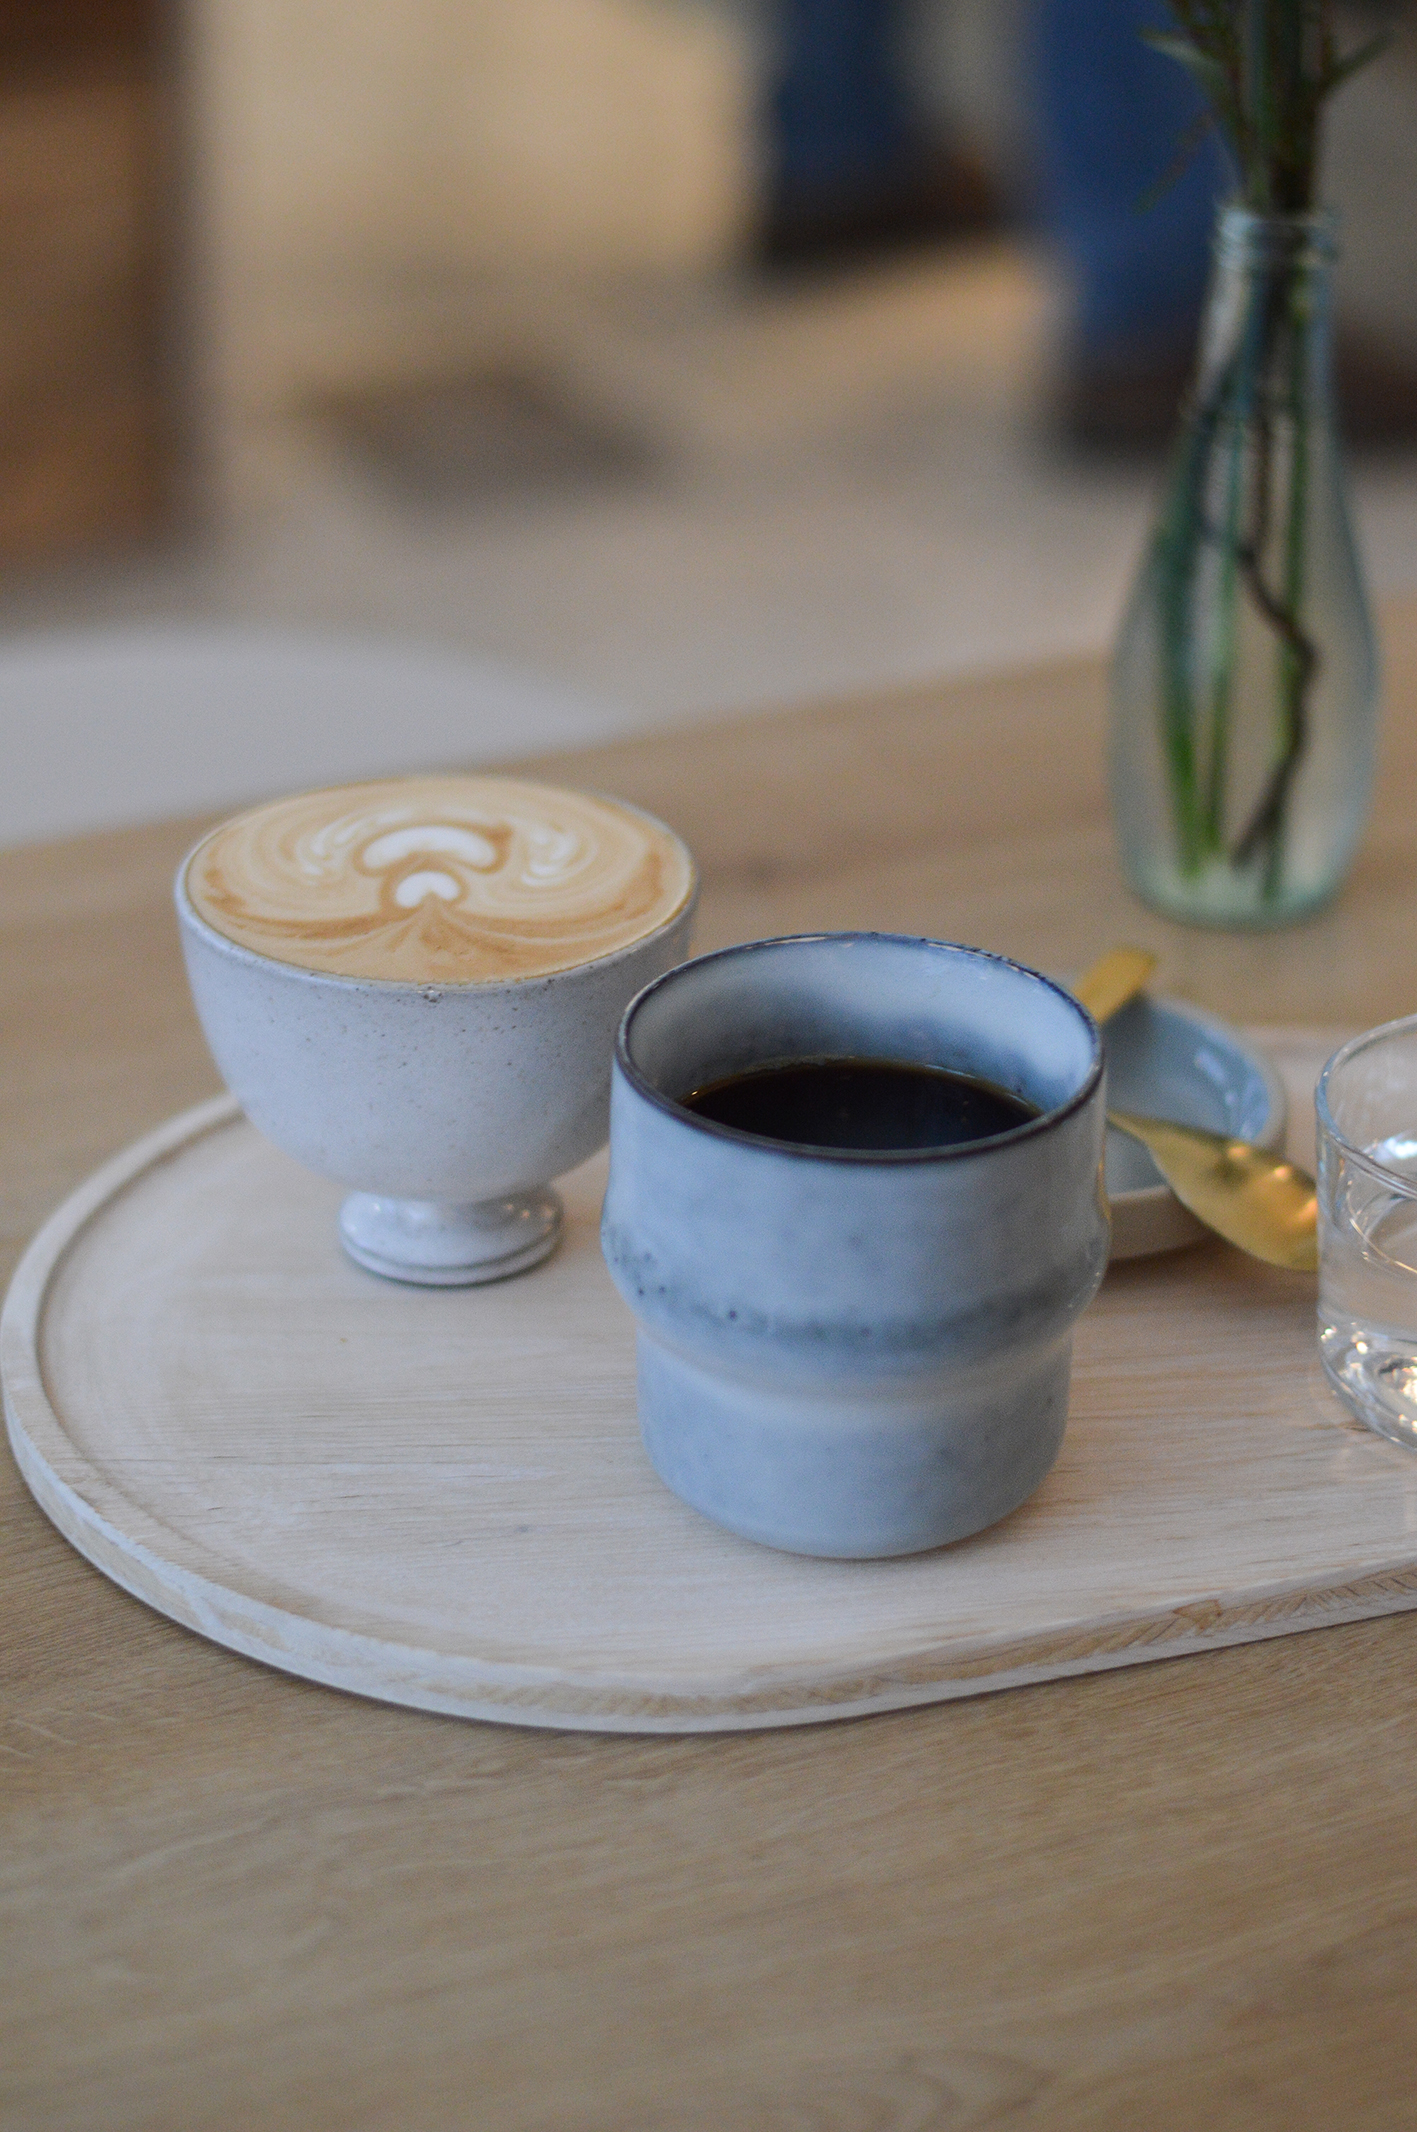 Sussmund kaffee - Vienna